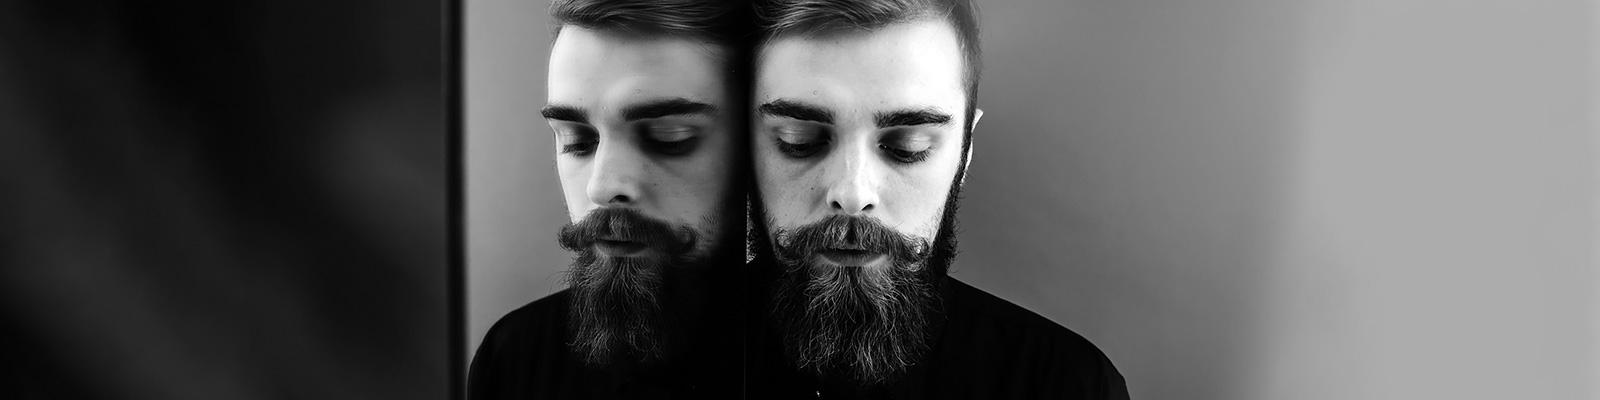 顔 鏡 認識 イメージ